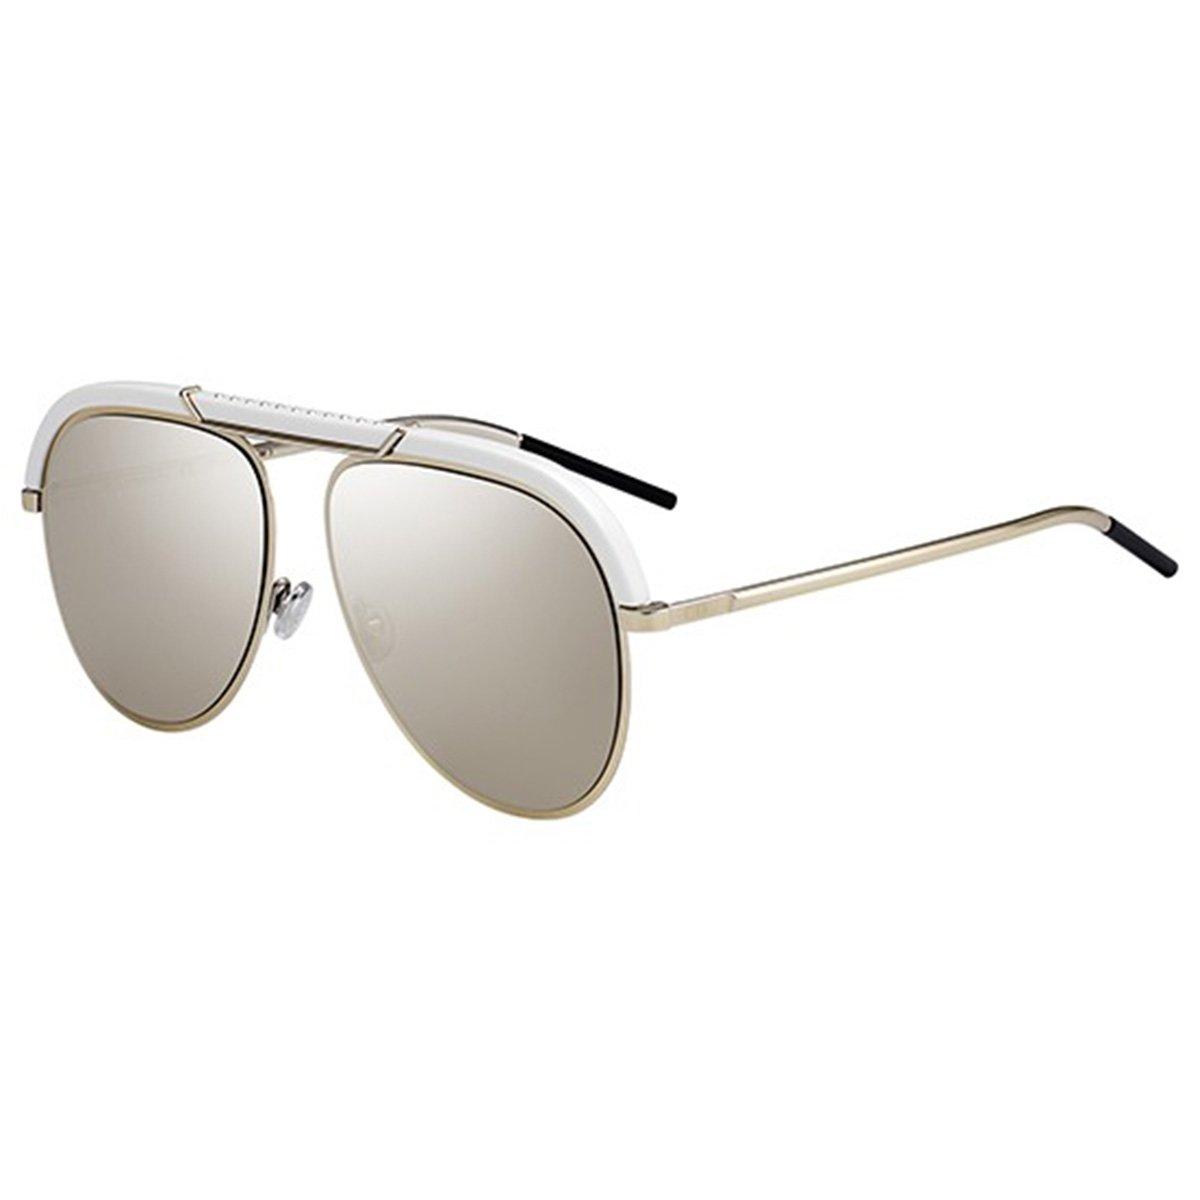 2349d50831861 Compre Óculos de Sol Dior Desertic em 10X   Tri-Jóia Shop